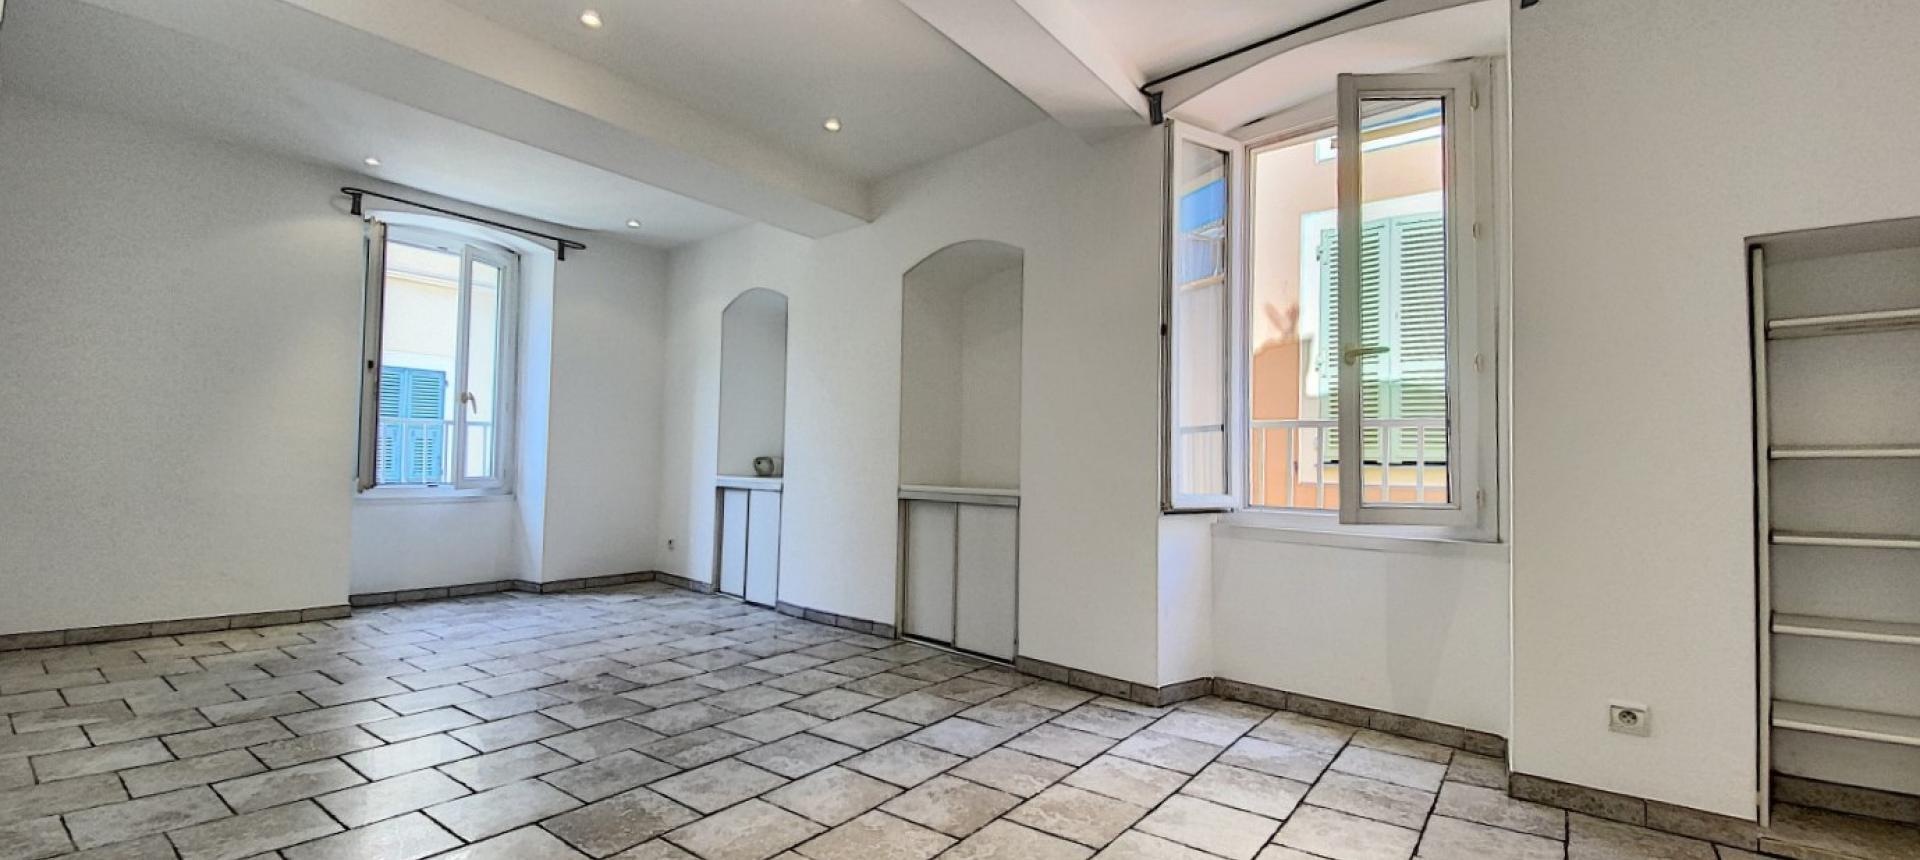 Vente d'un appartement F2 rénové-Centre historique Ajaccio - SEJOUR